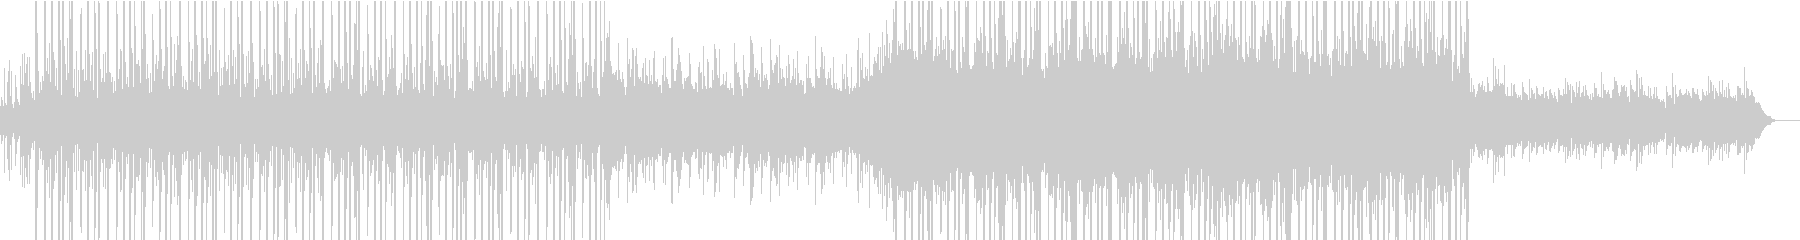 AppleのCMに使われていそうな曲の未再生の波形